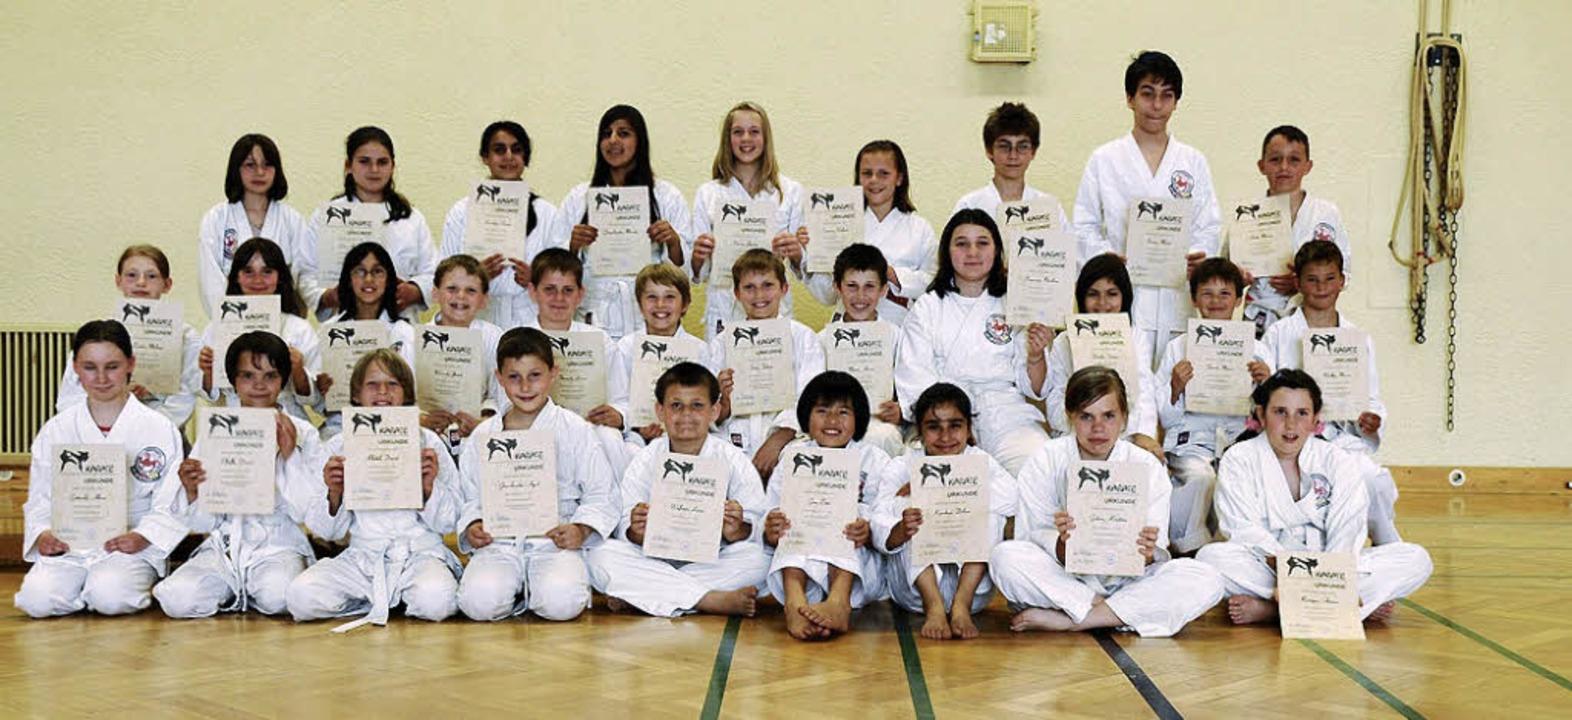 Freuen sich über ihre neuen Gürtel: Die TSG-Karates.   | Foto: Privat